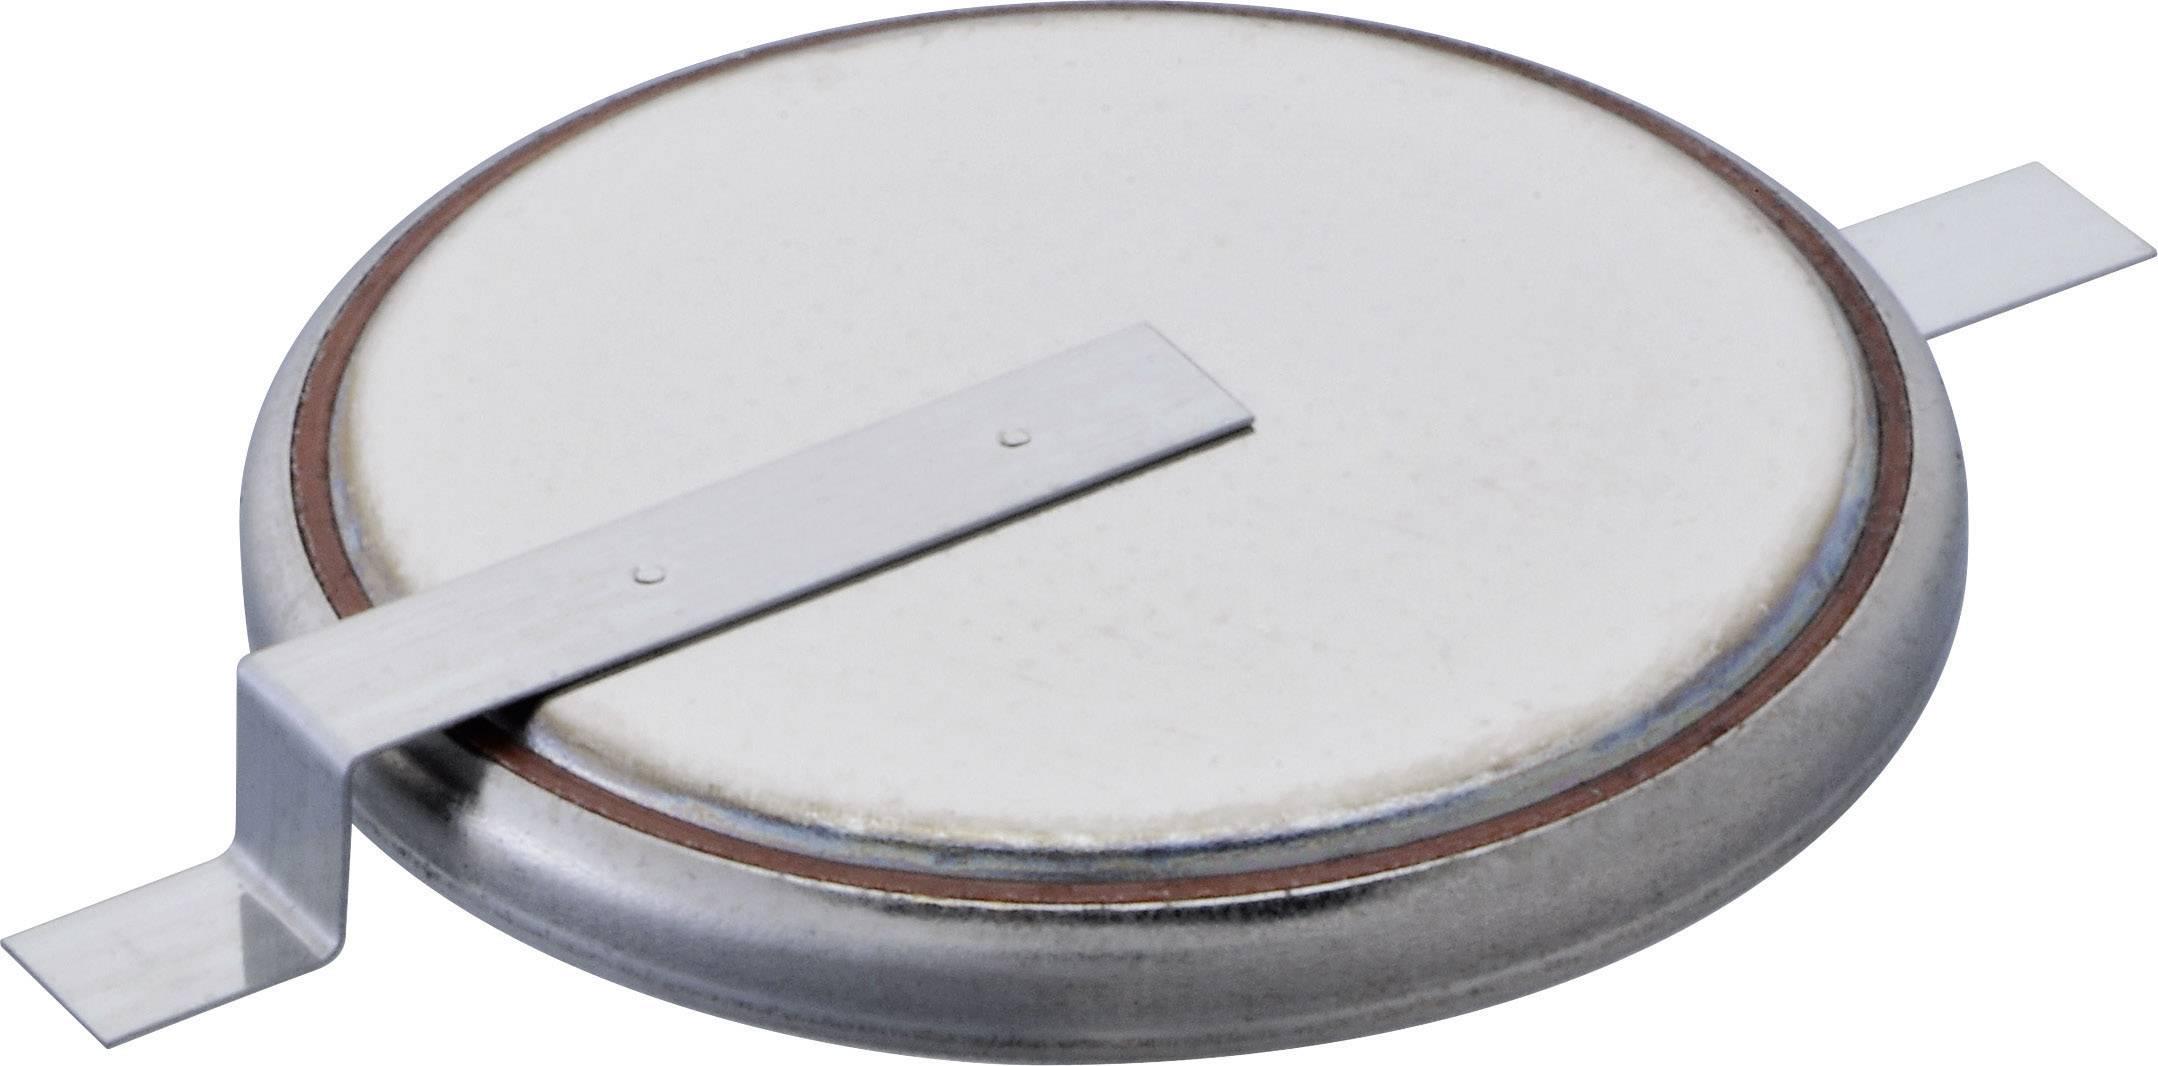 Gombíková batéria Renata CR2430 SM, so spájkovacími kontaktami